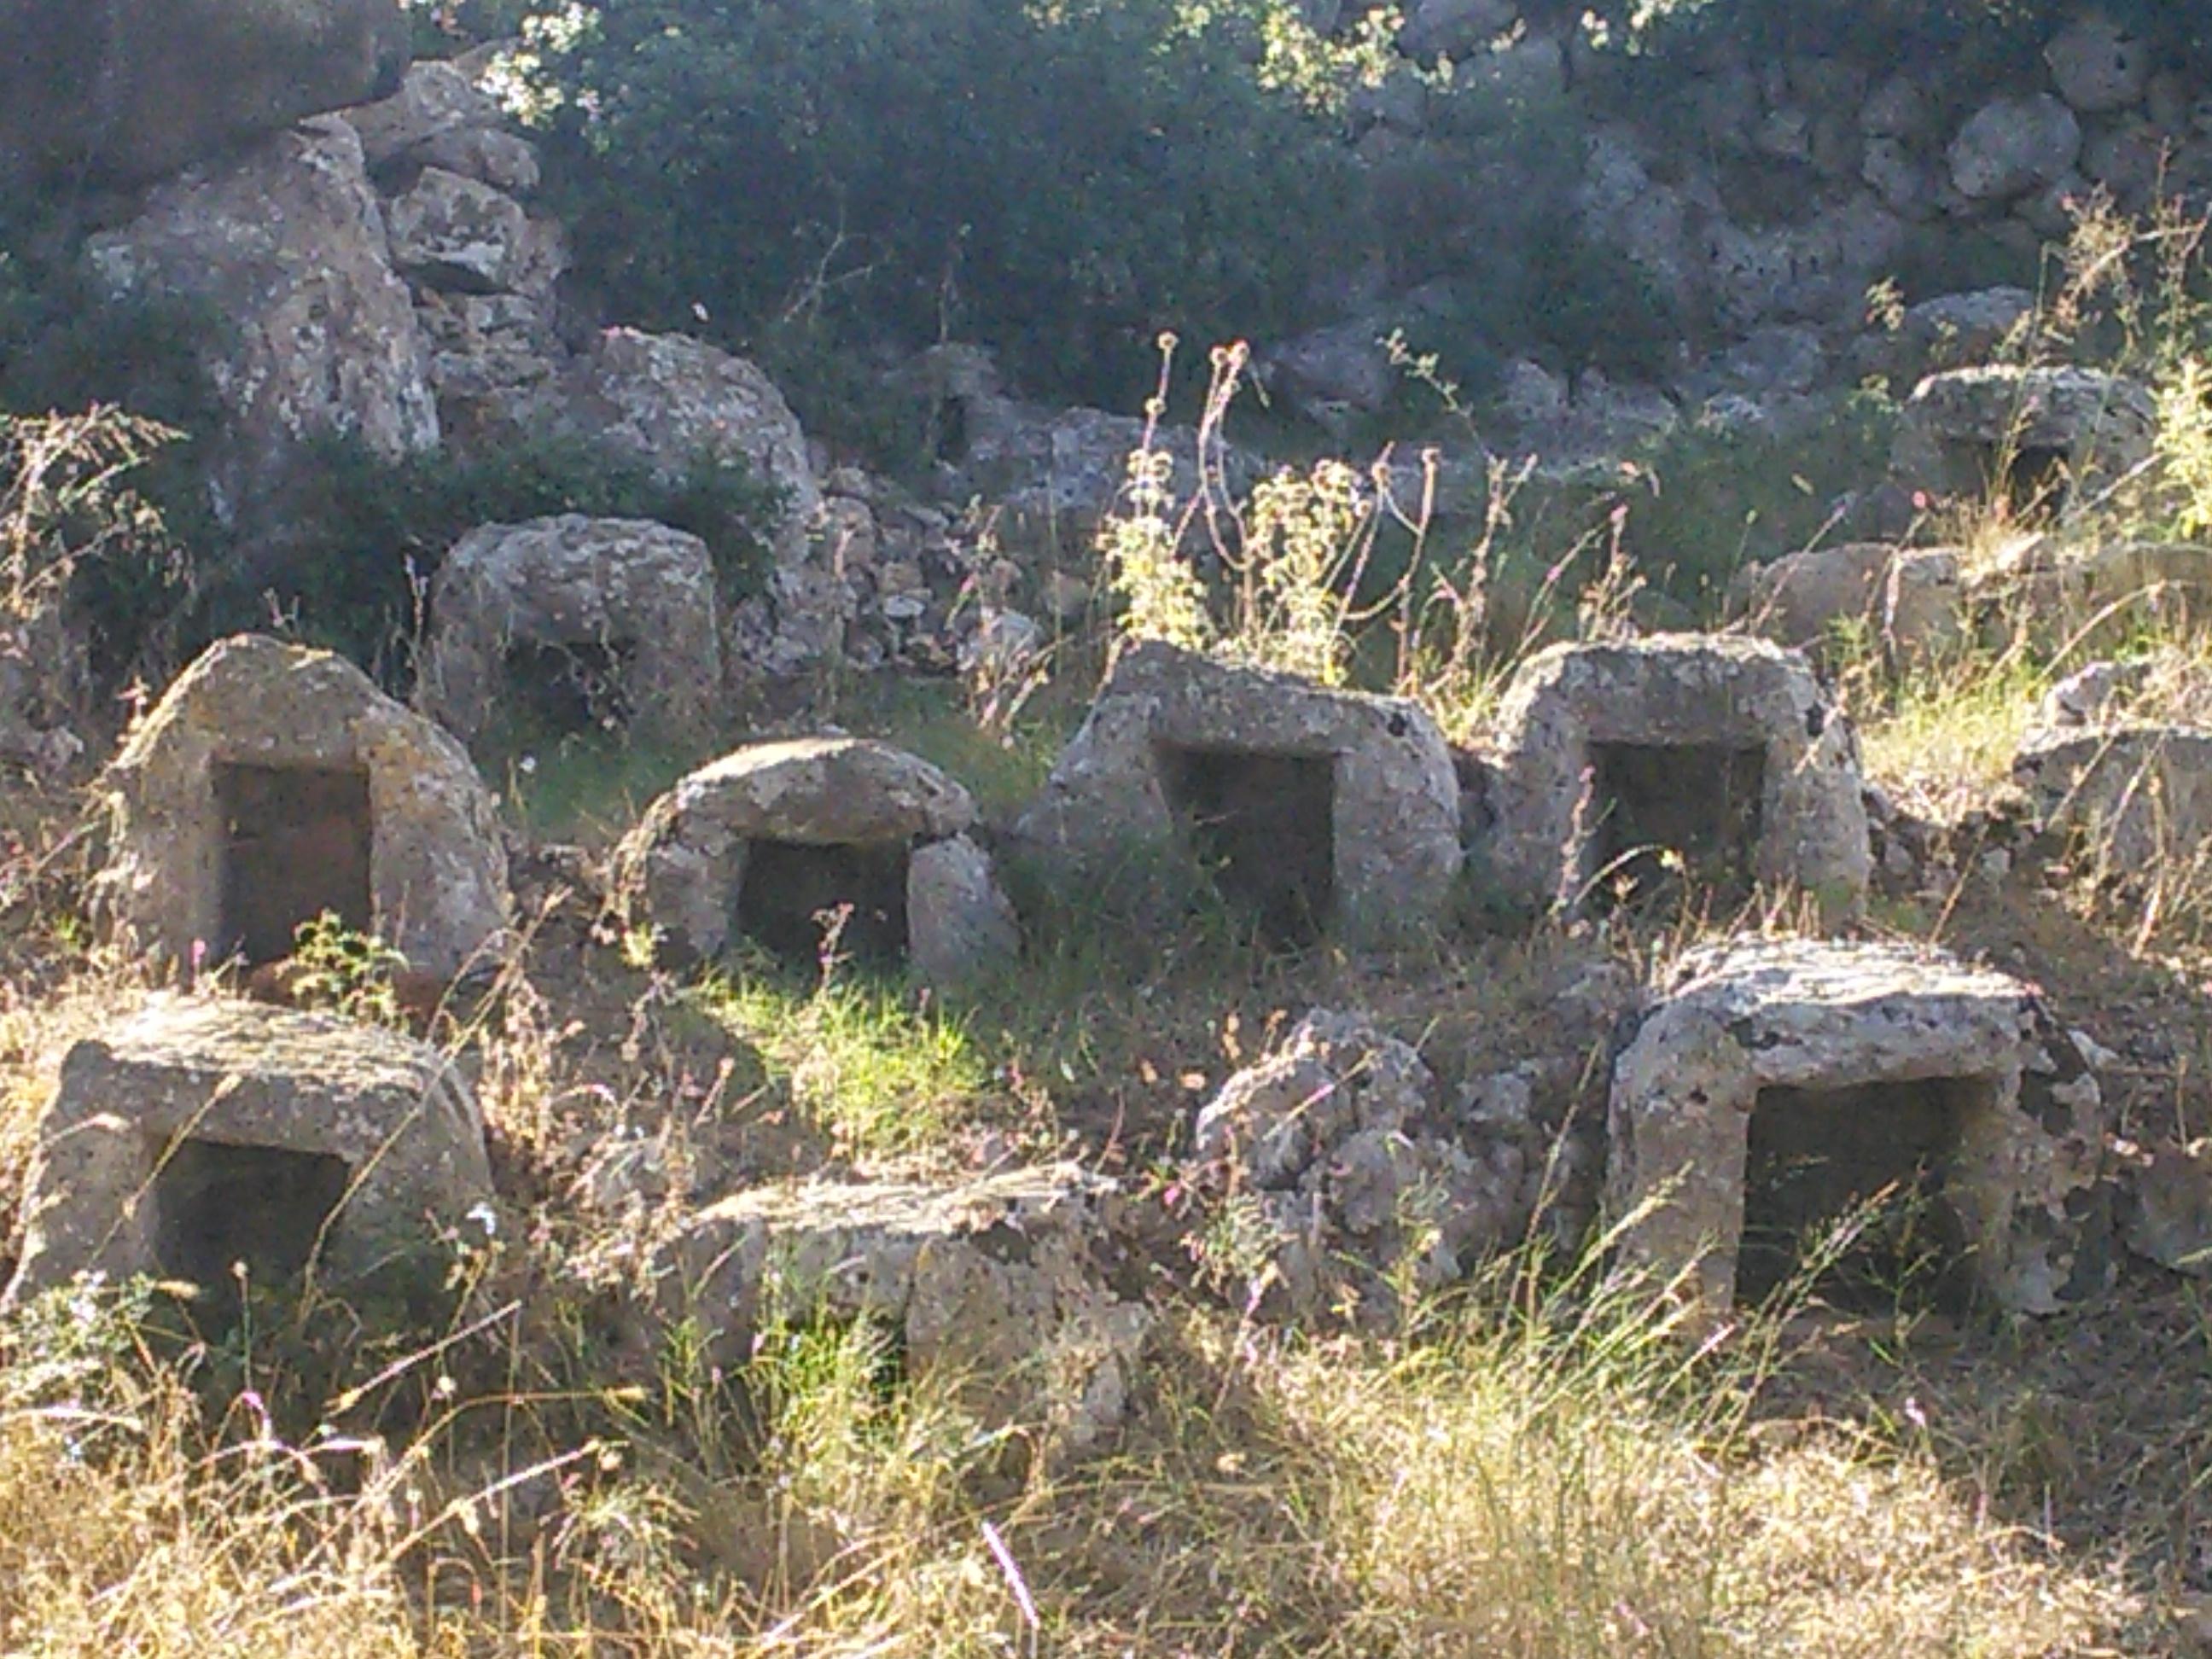 Το παλιό πέτρινο μελισσοκομείο στο μοναστήρι του Αγίου Νικολάυ στη Νηρά